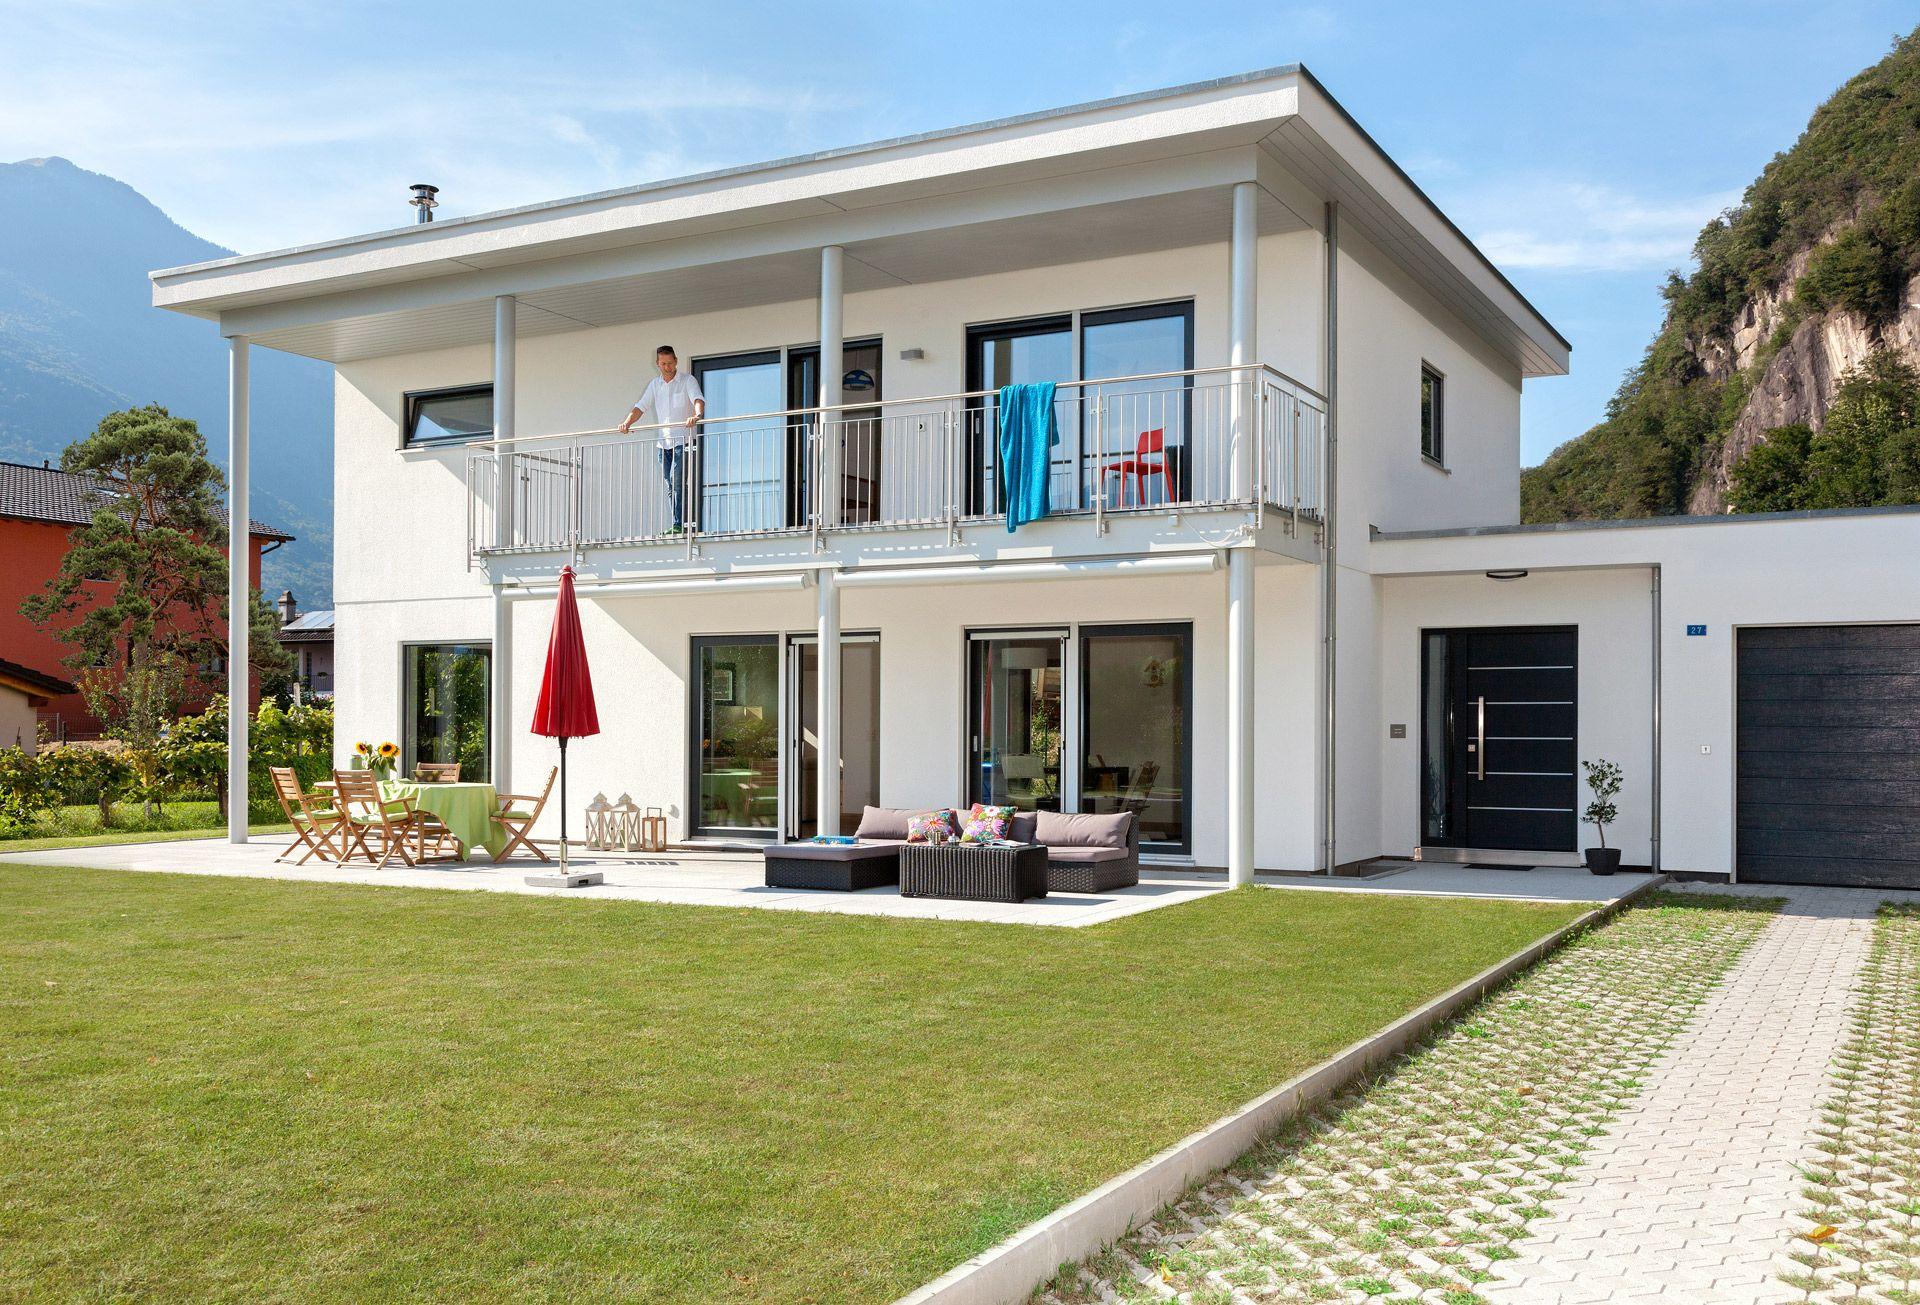 SchwörerHaus Haus mit moderner Architektur